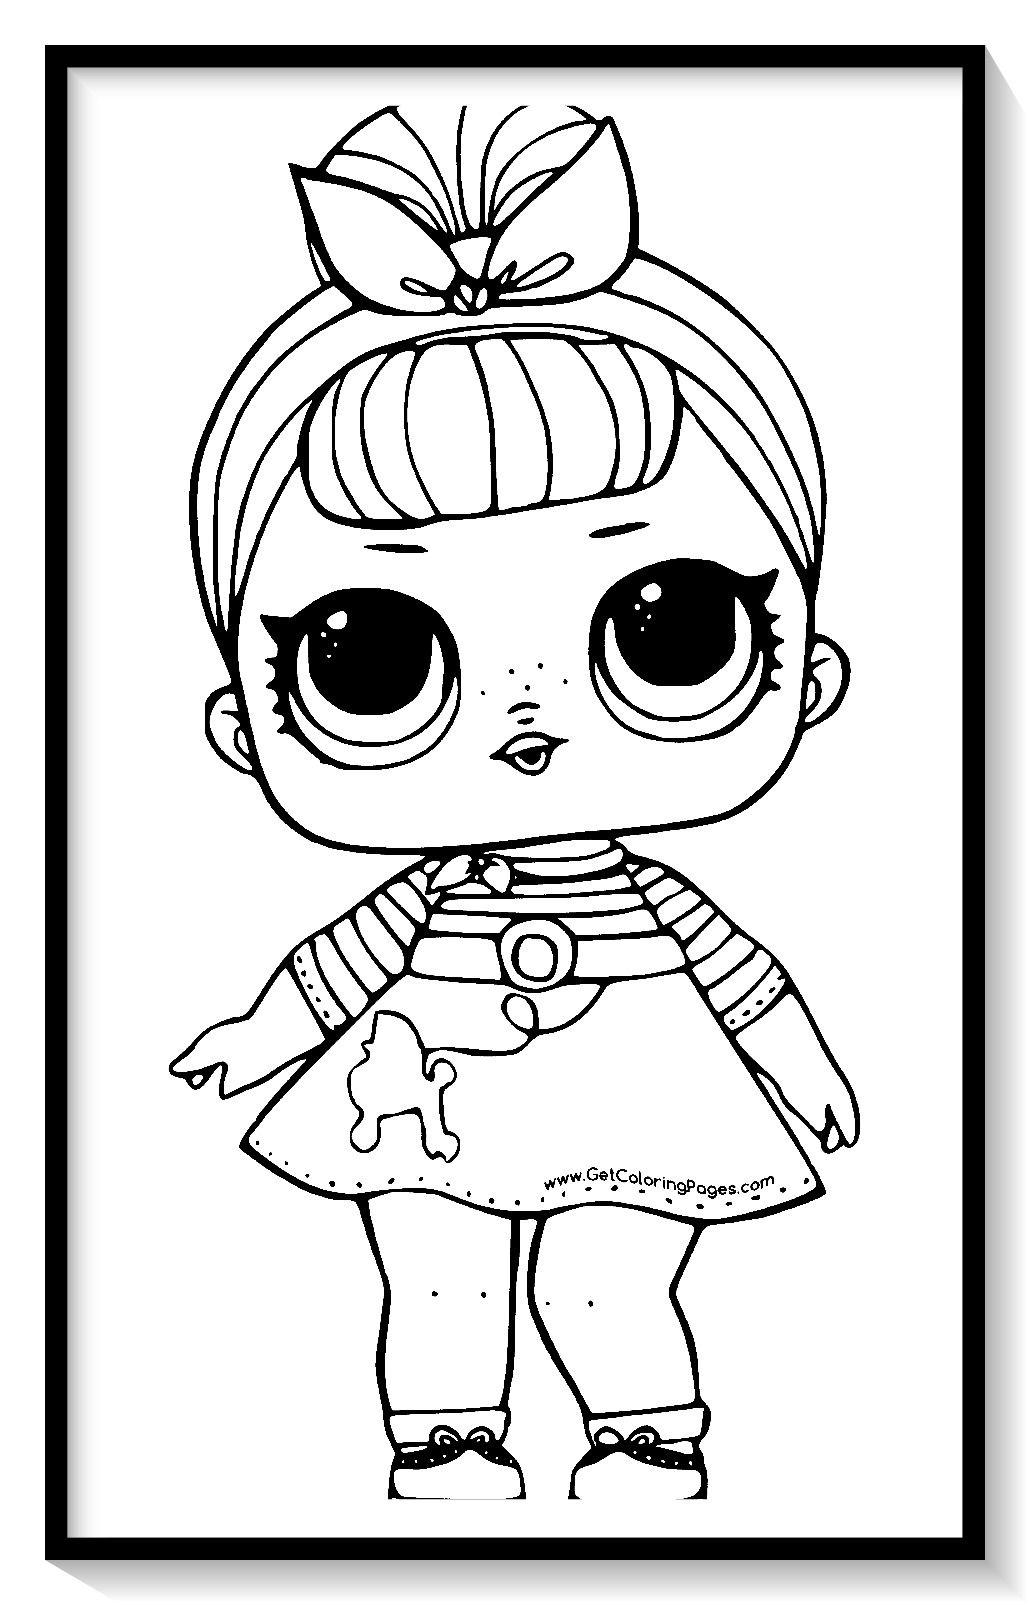 muñecas LOL para colorear online 💥💥 dibujar y pintar ...